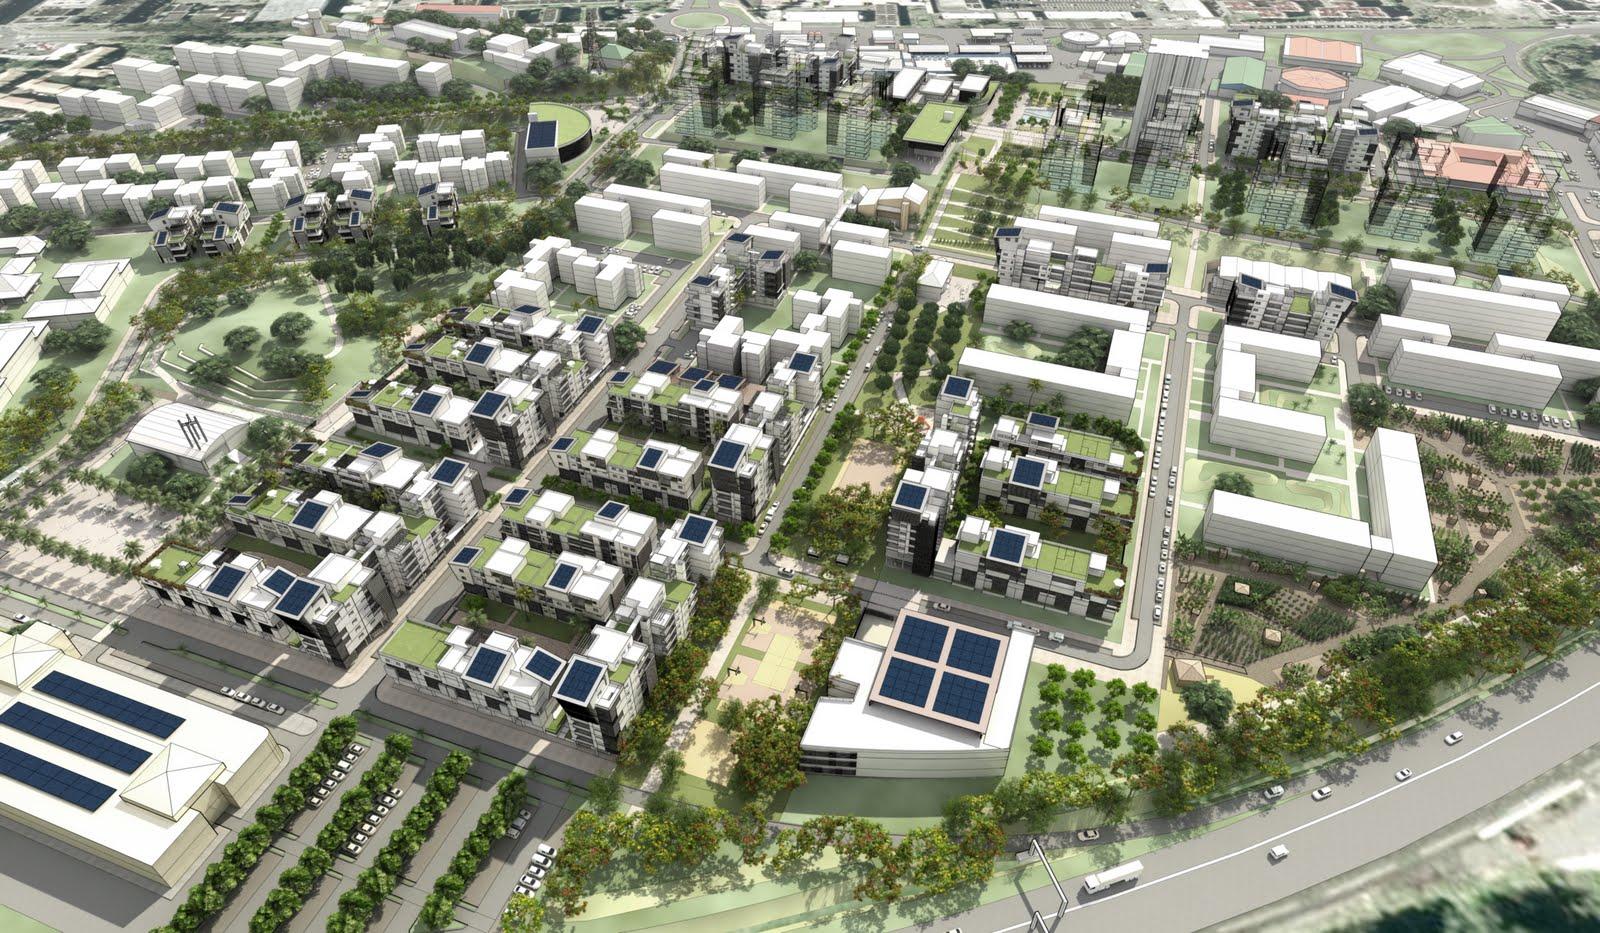 rénovation urbaine projets